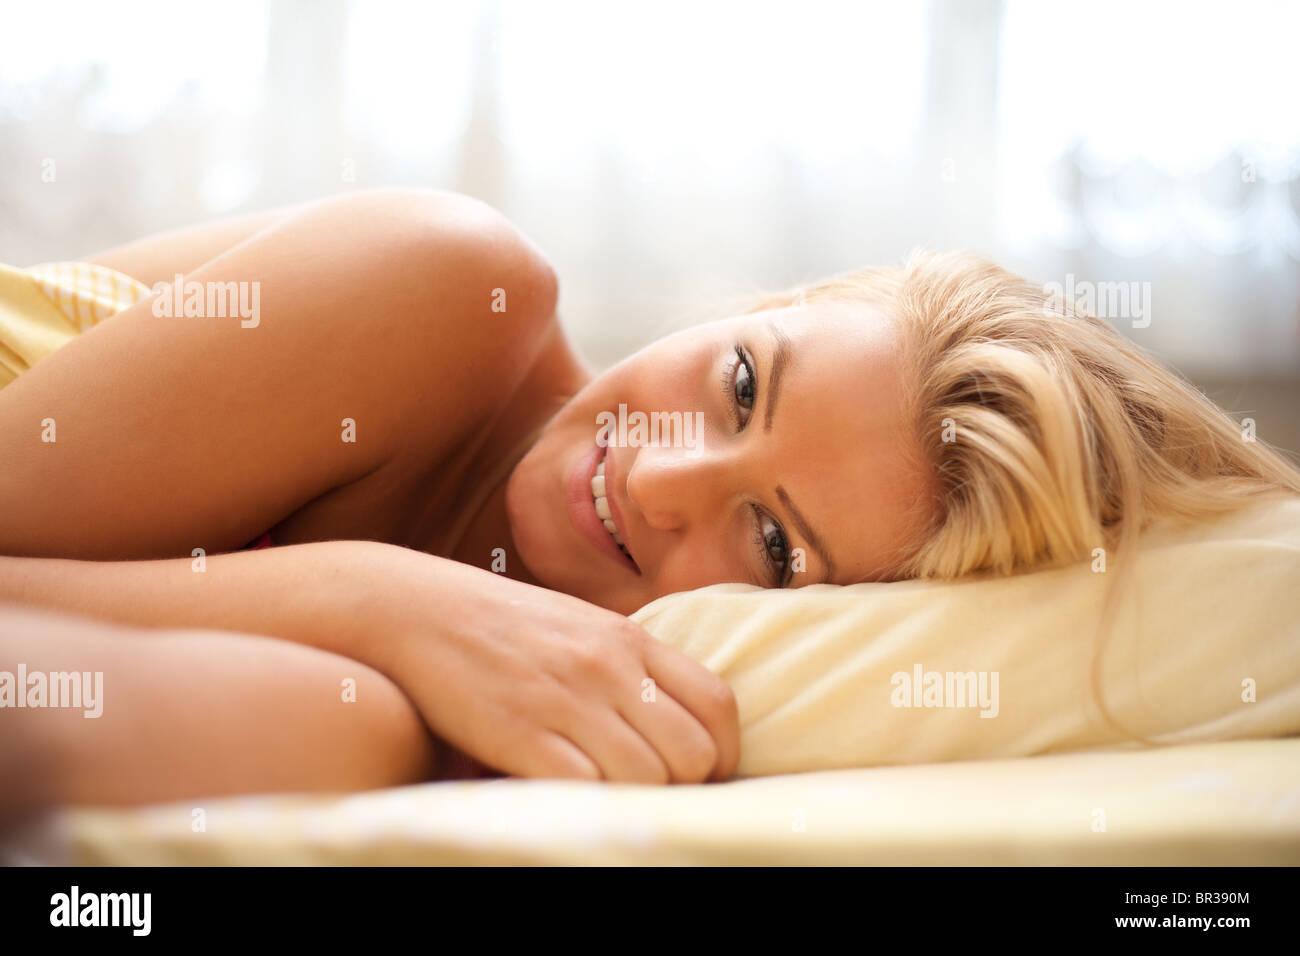 Close up ritratto di una bella donna bionda la preparazione di dormire (o semplicemente risvegliare la mattina) Immagini Stock